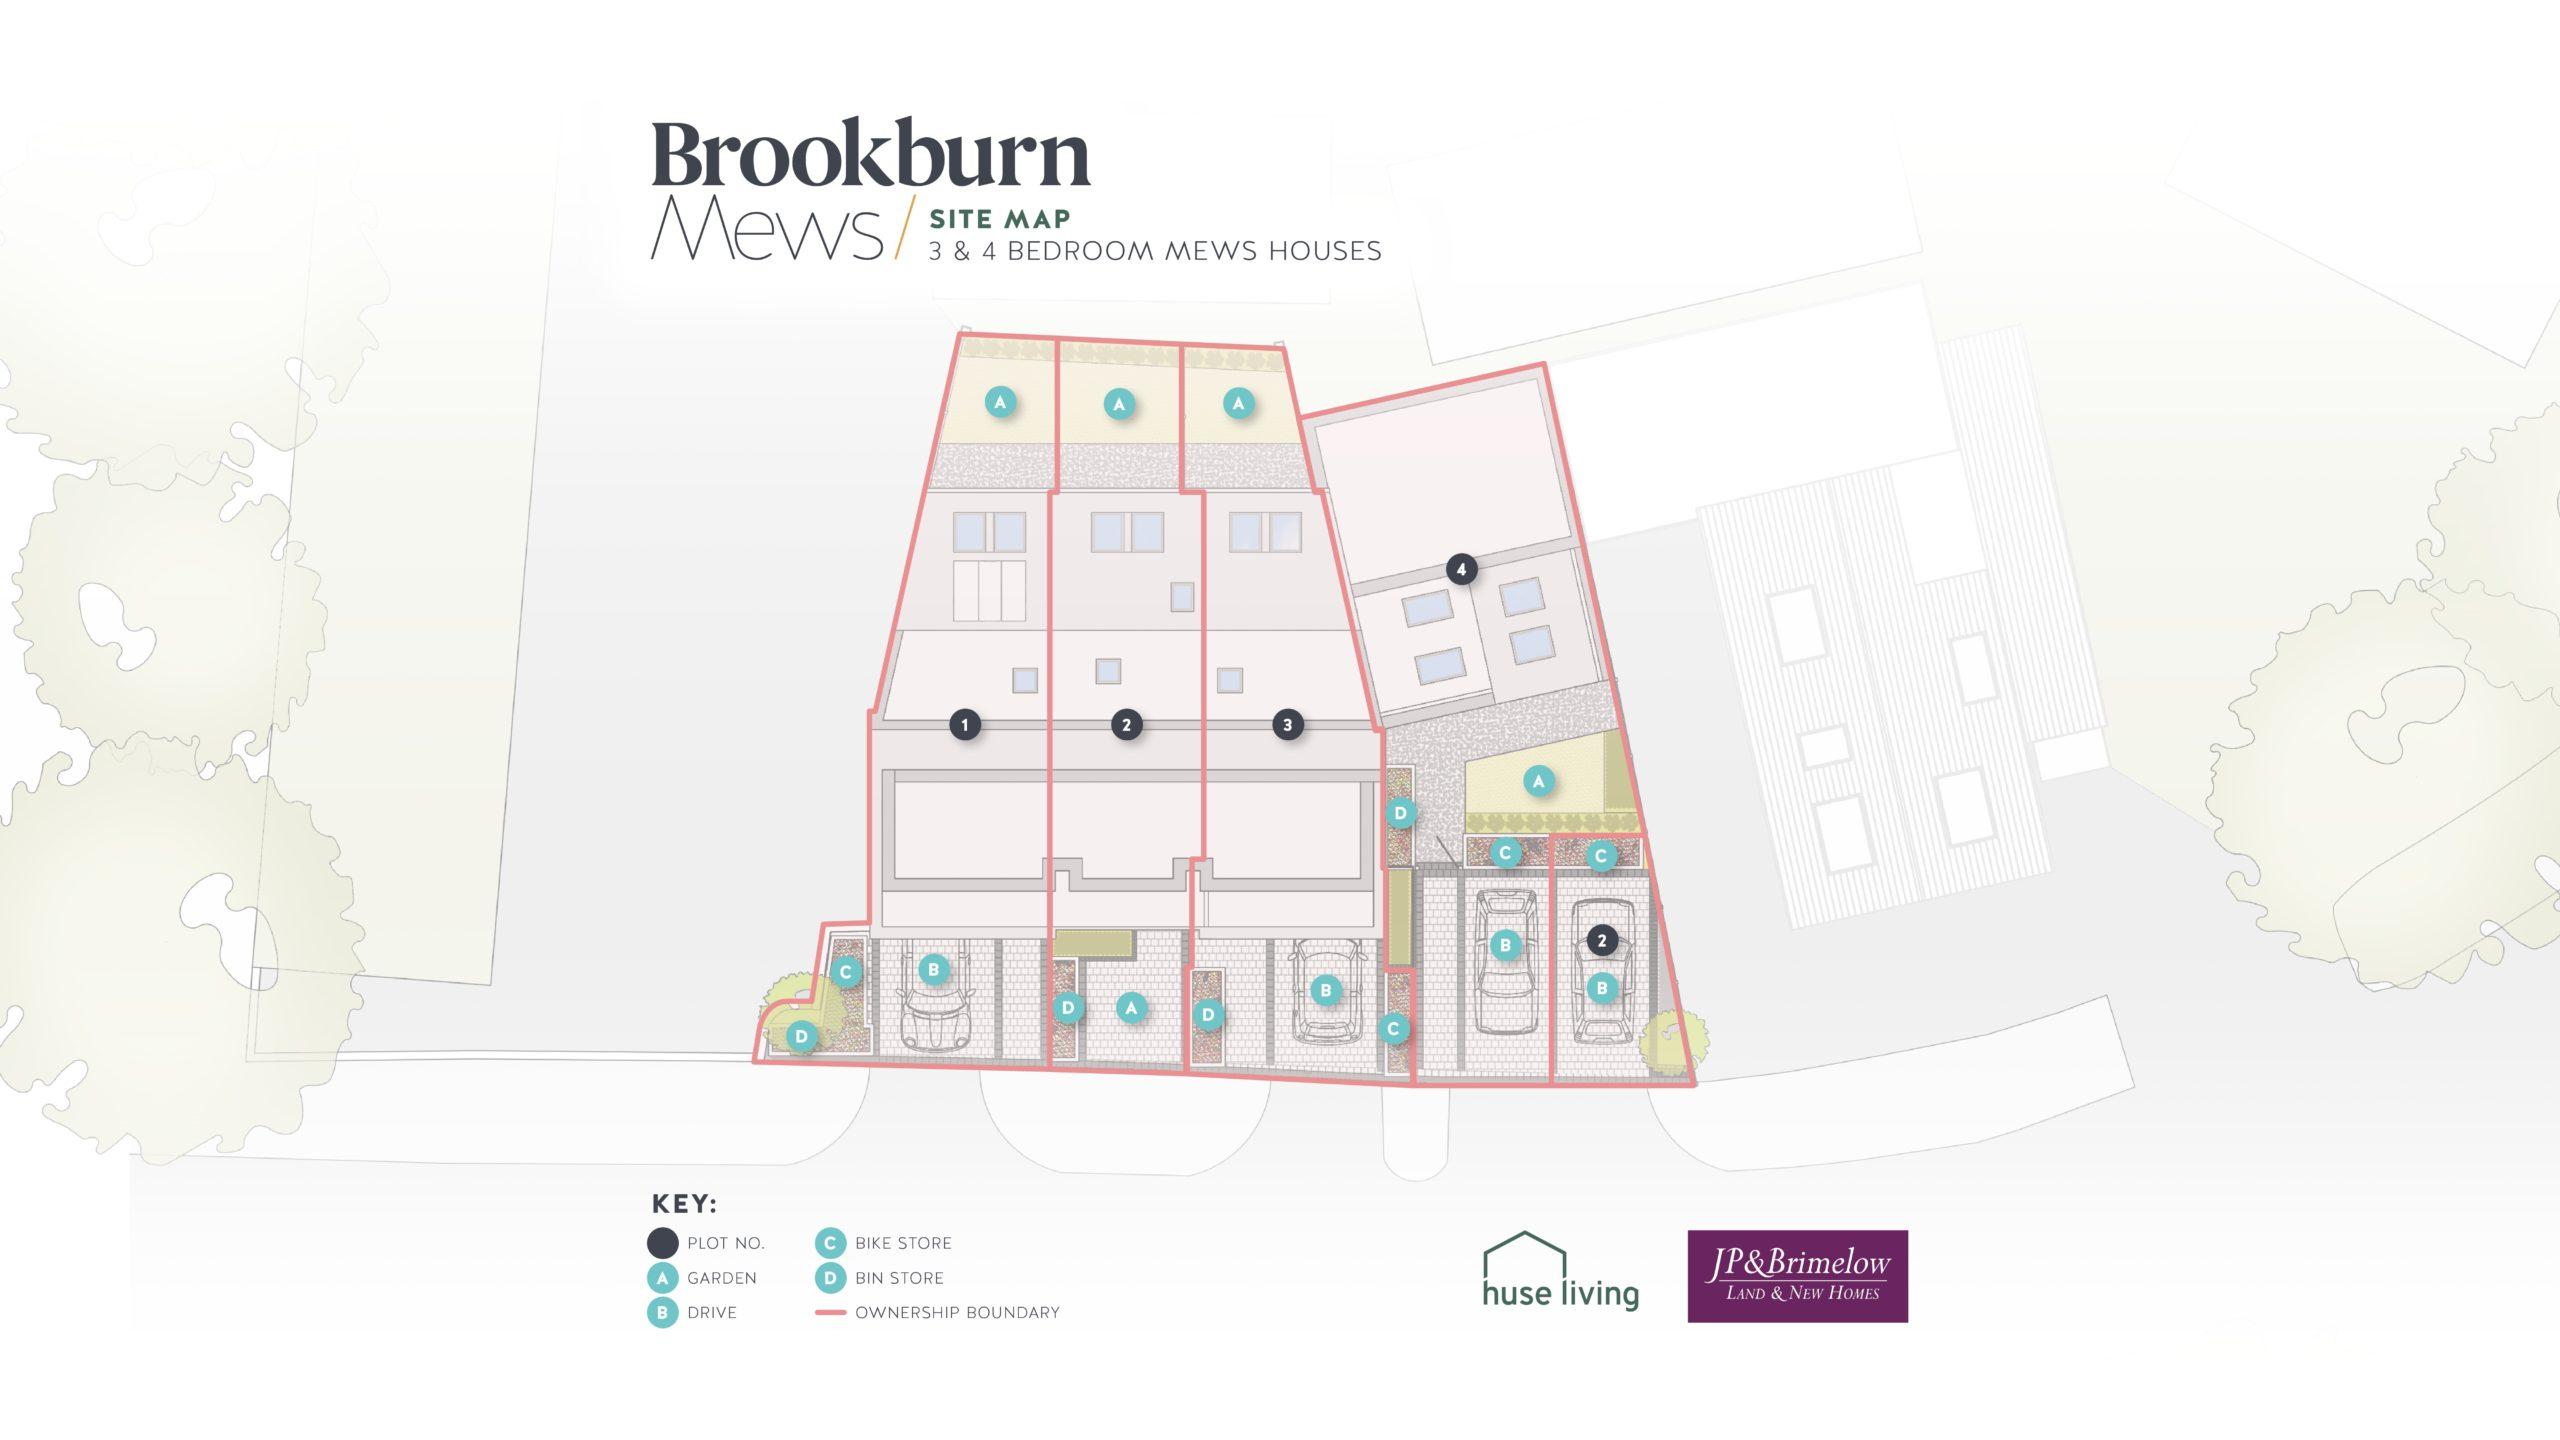 Brookburn Mews Site Map